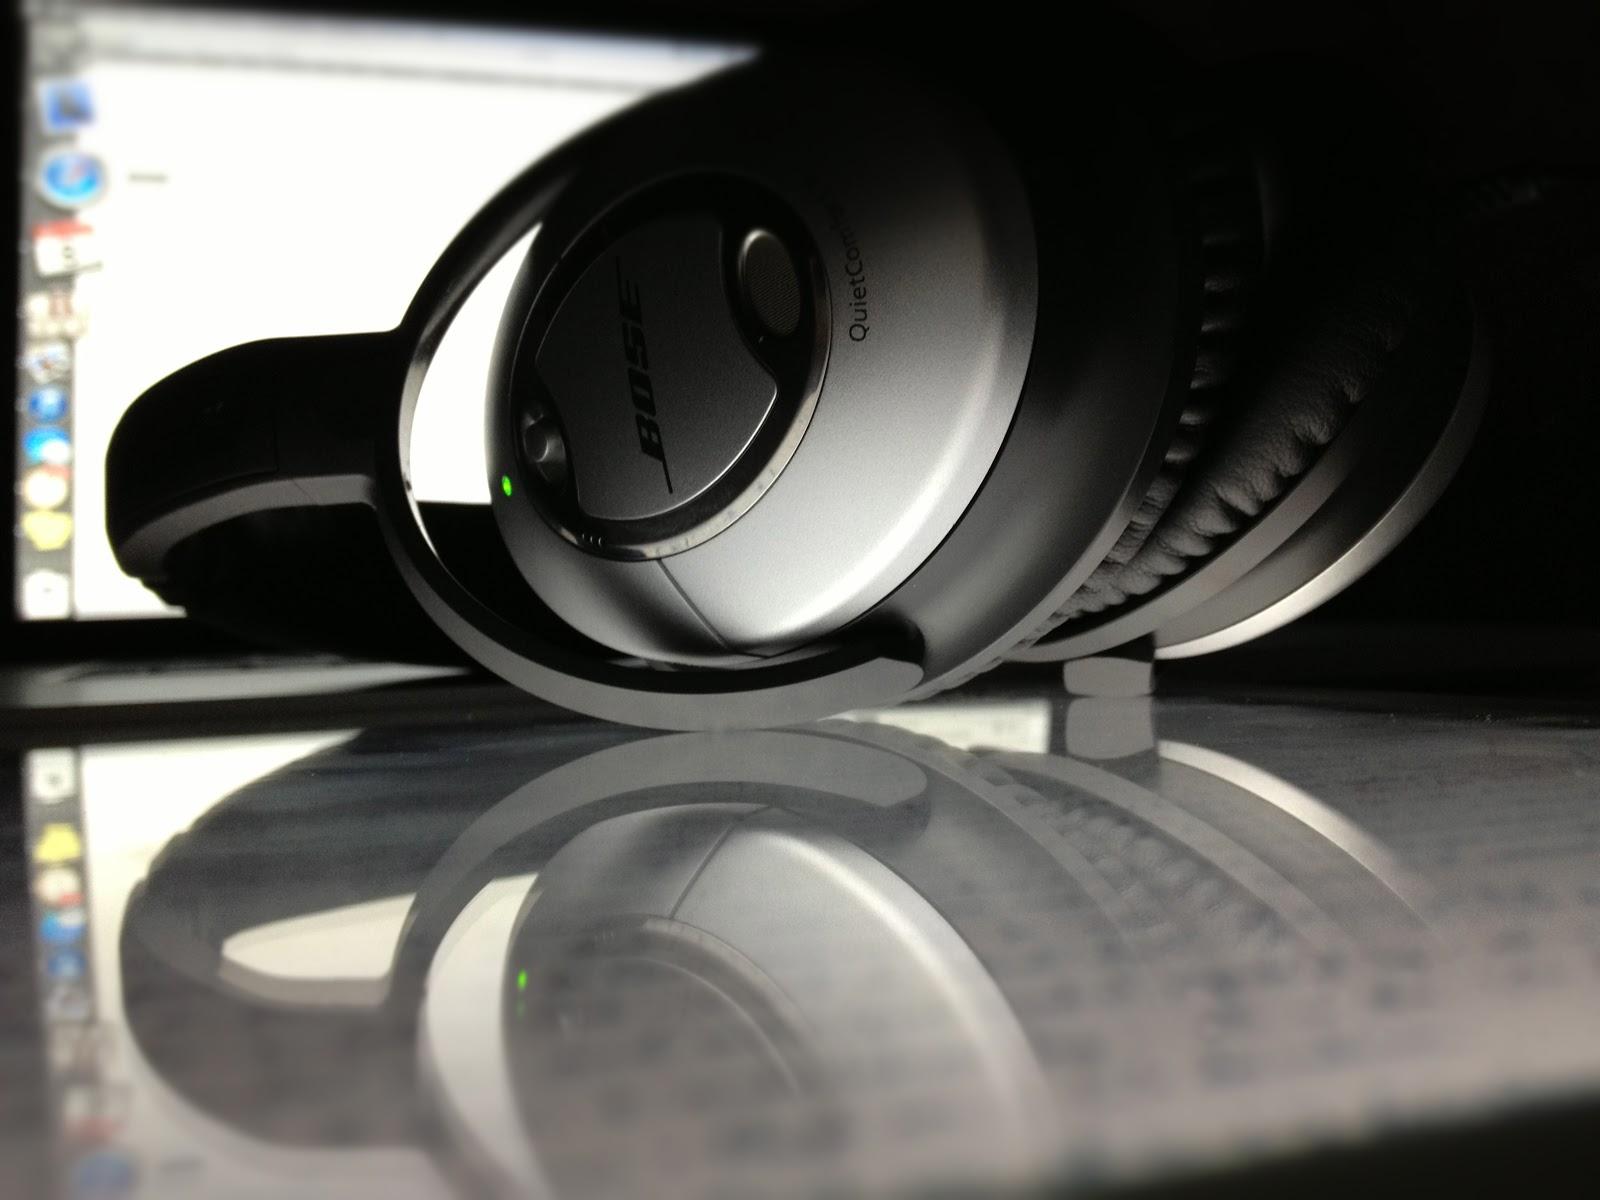 comfort bose youtube quiet watch unboxing headphones comforter review